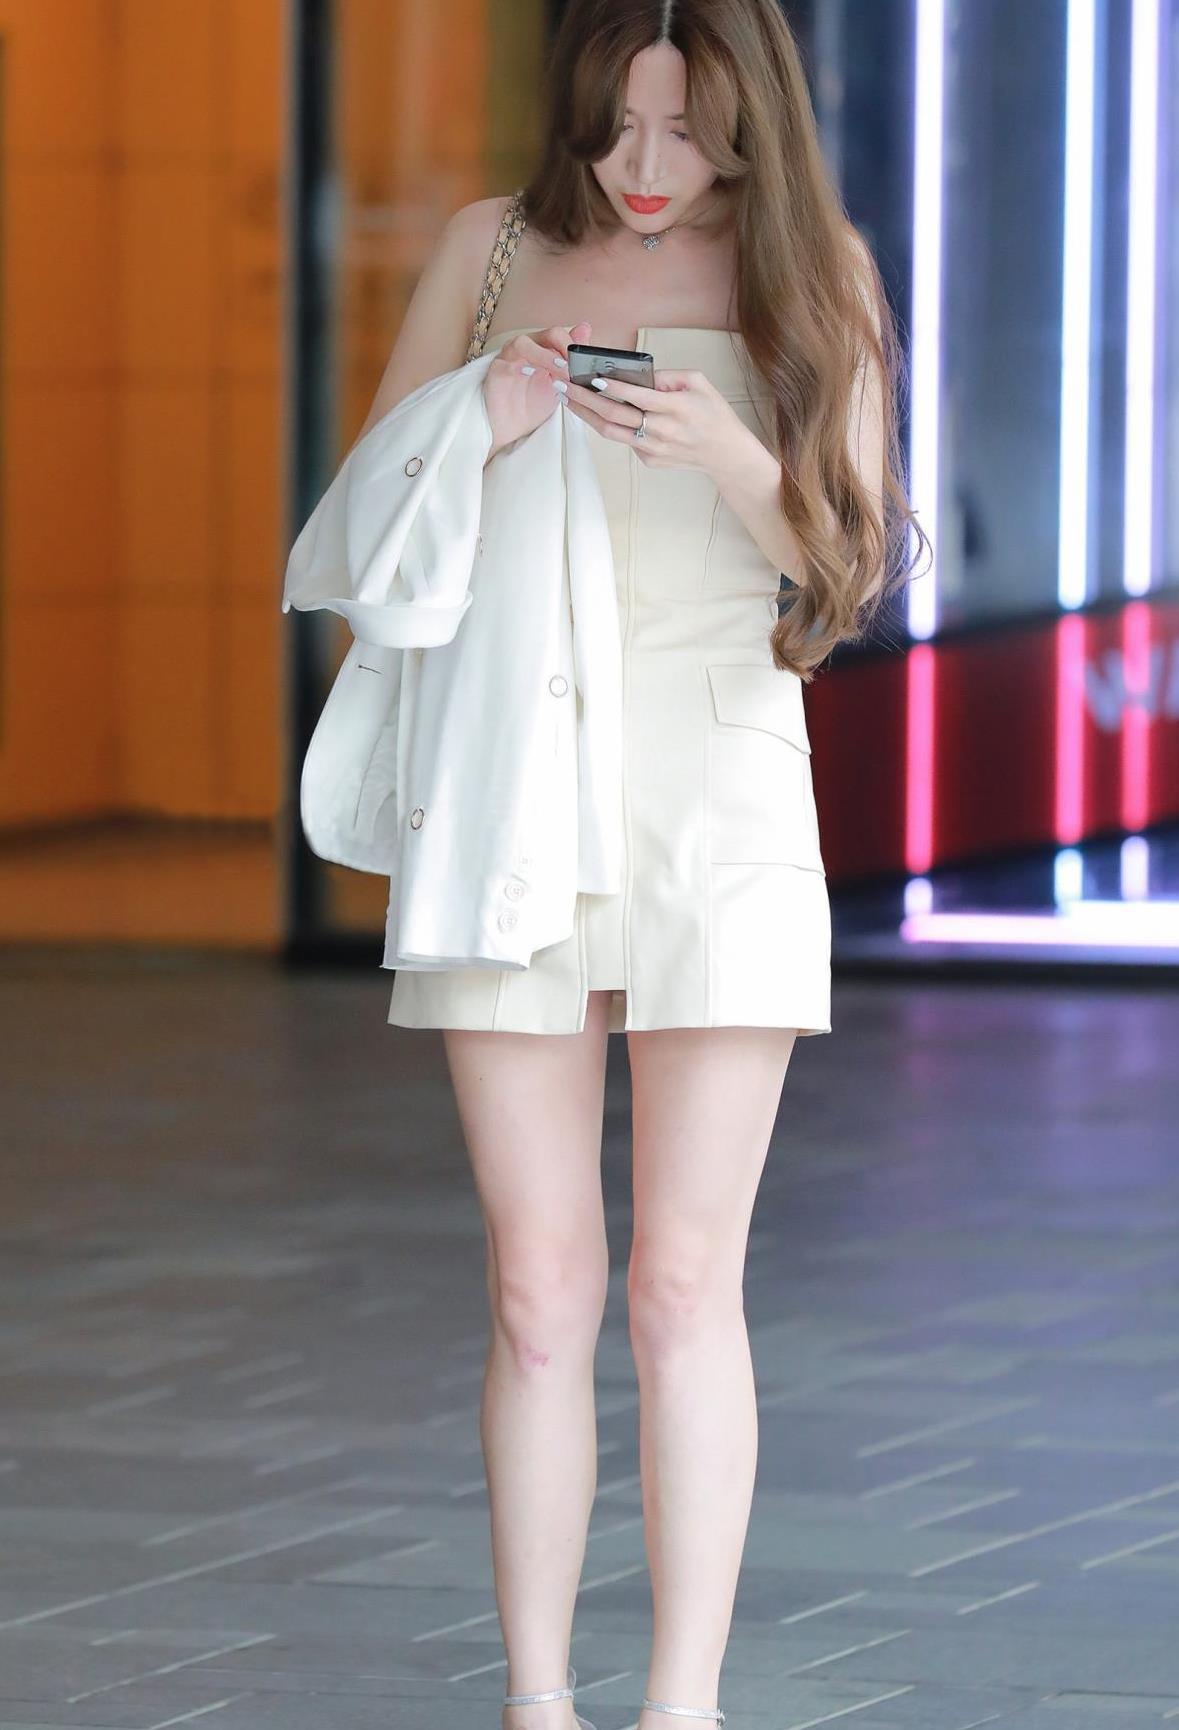 肤白貌美的姑娘,白色连衣裙搭配一字带细跟凉鞋,更显气质迷人